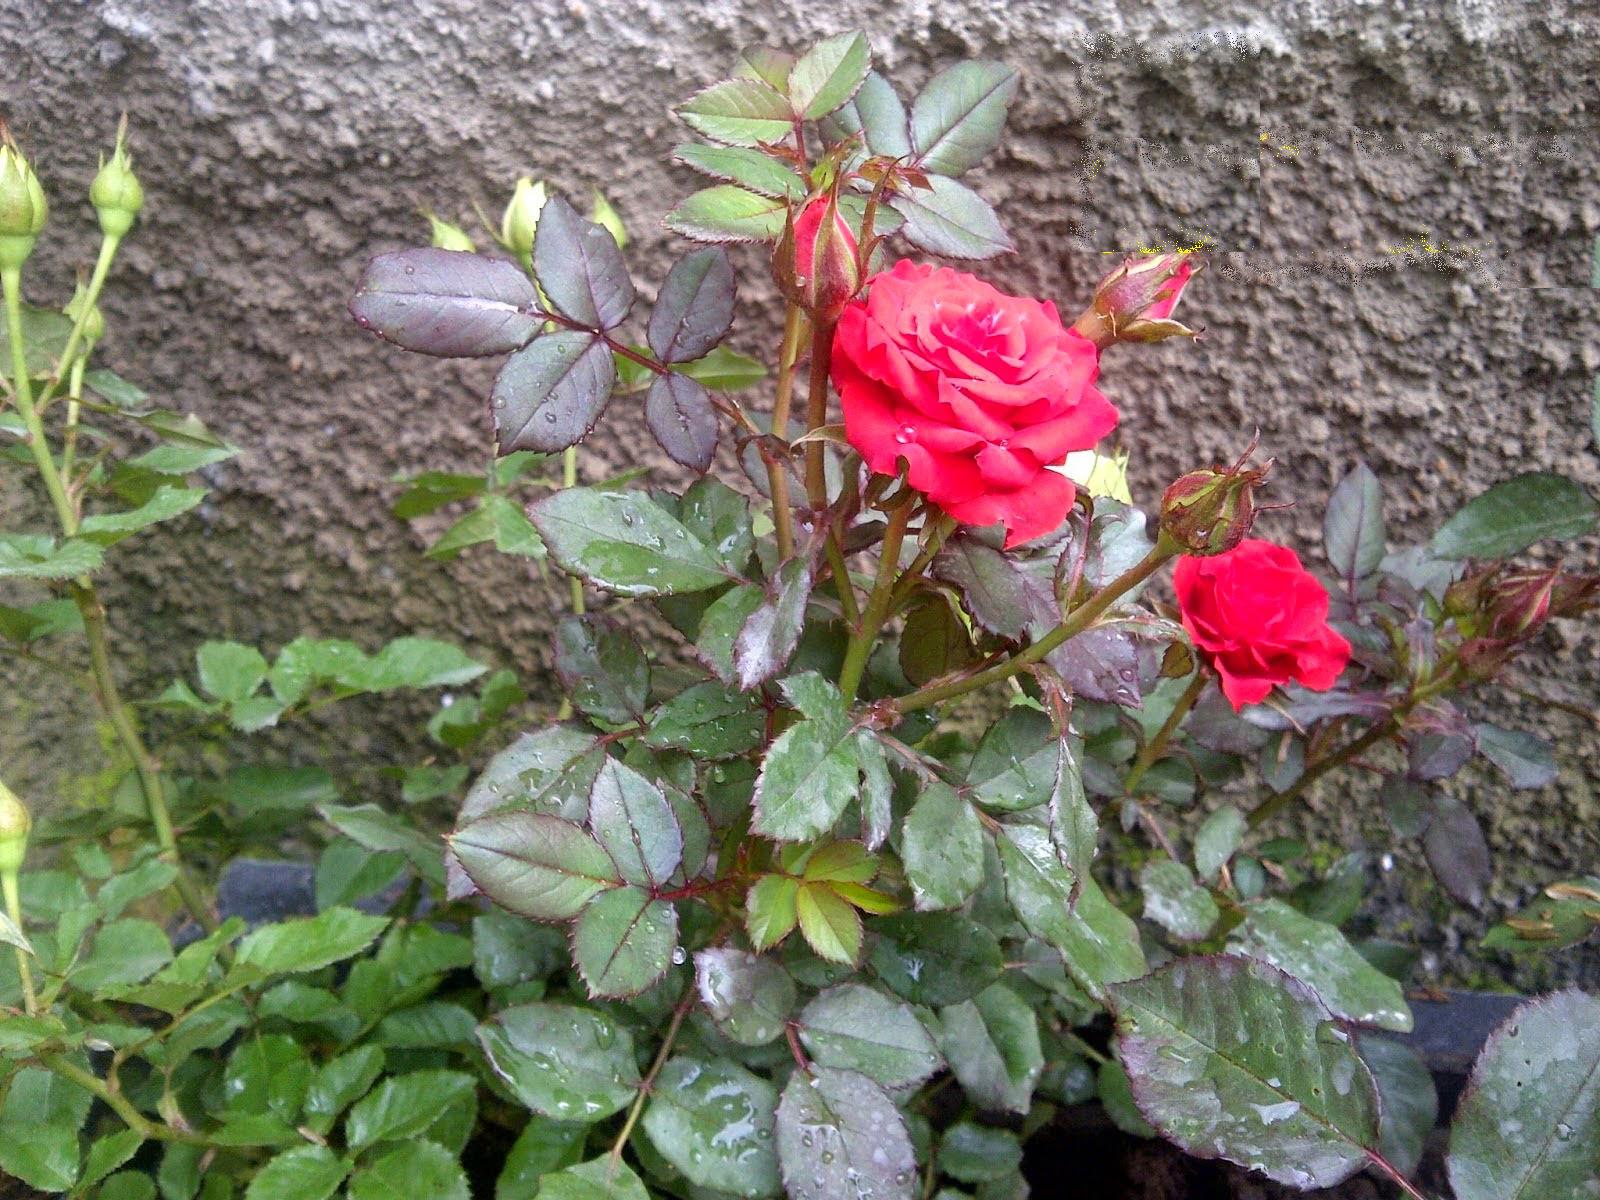 Jual Tanaman Mawar Merah Murah Jual Aneka Tanaman Hias